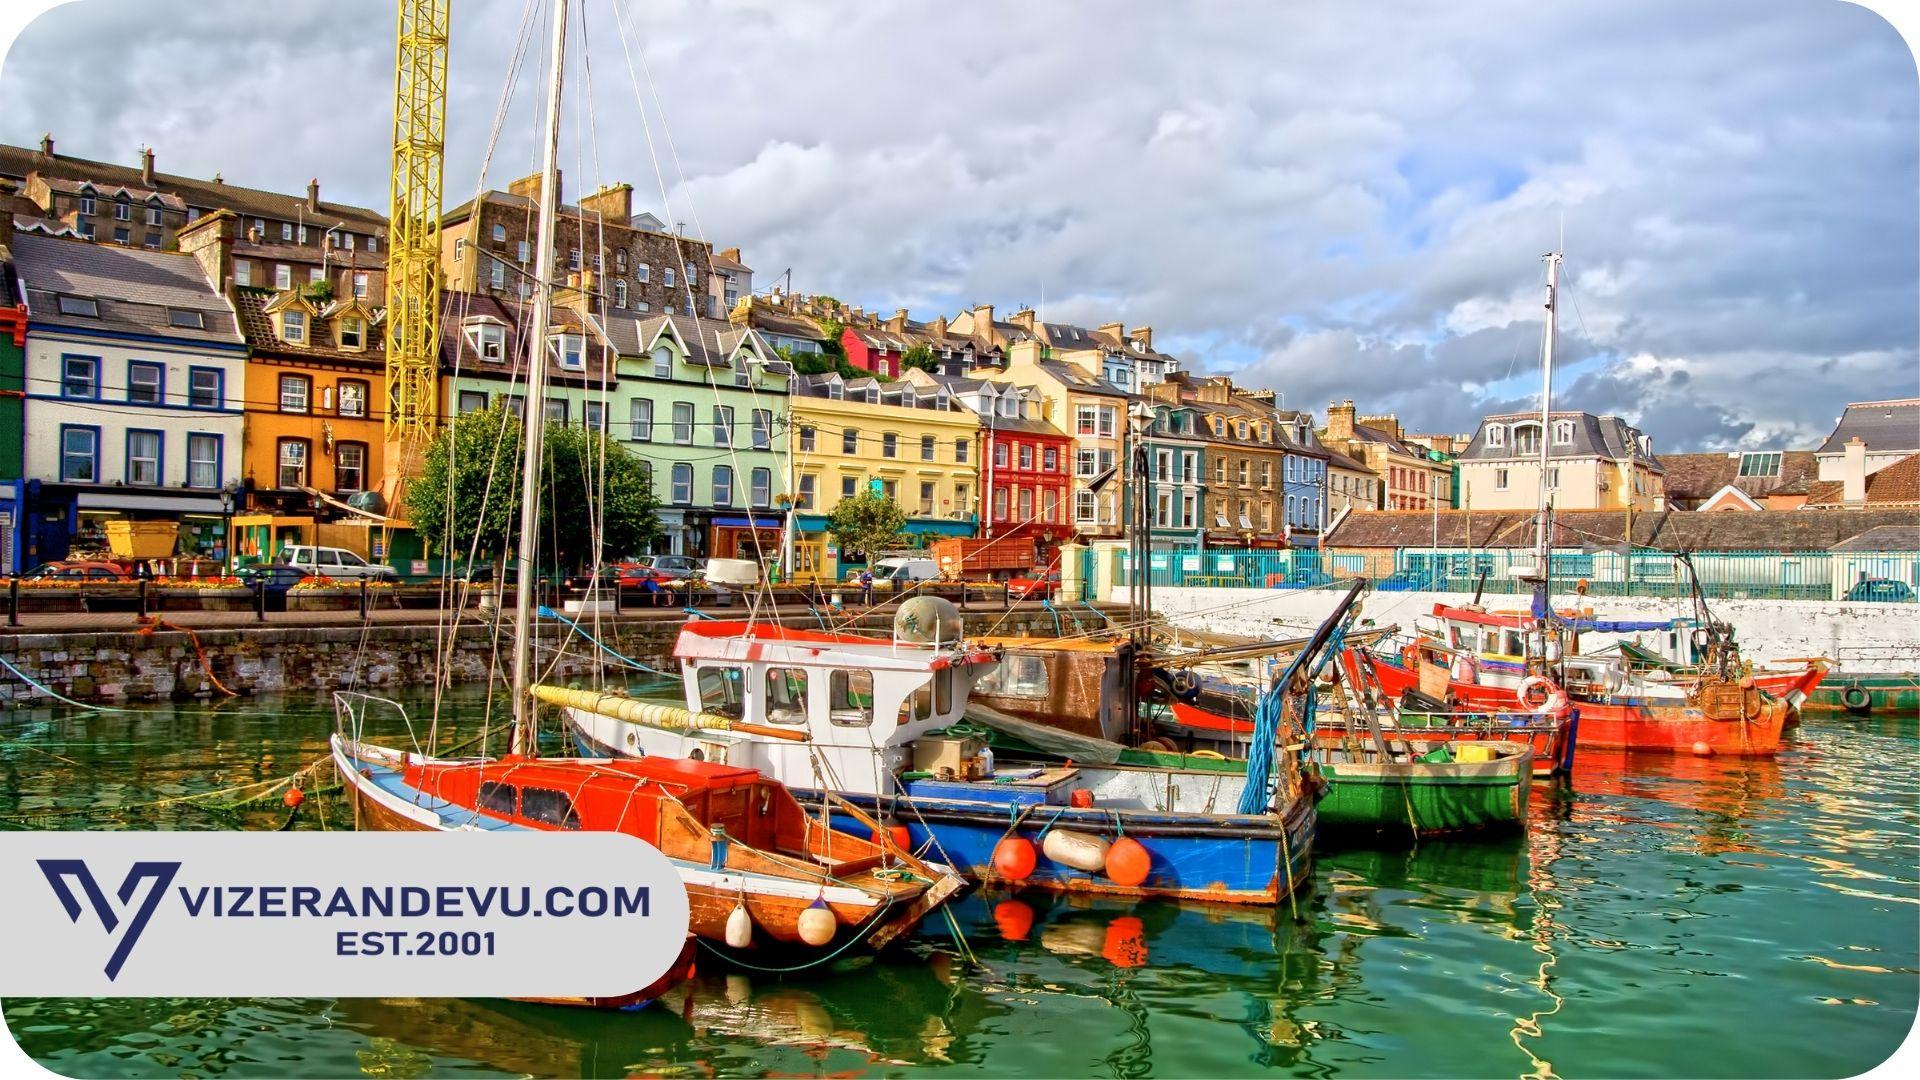 İrlanda Turist Vizesi Nedir?